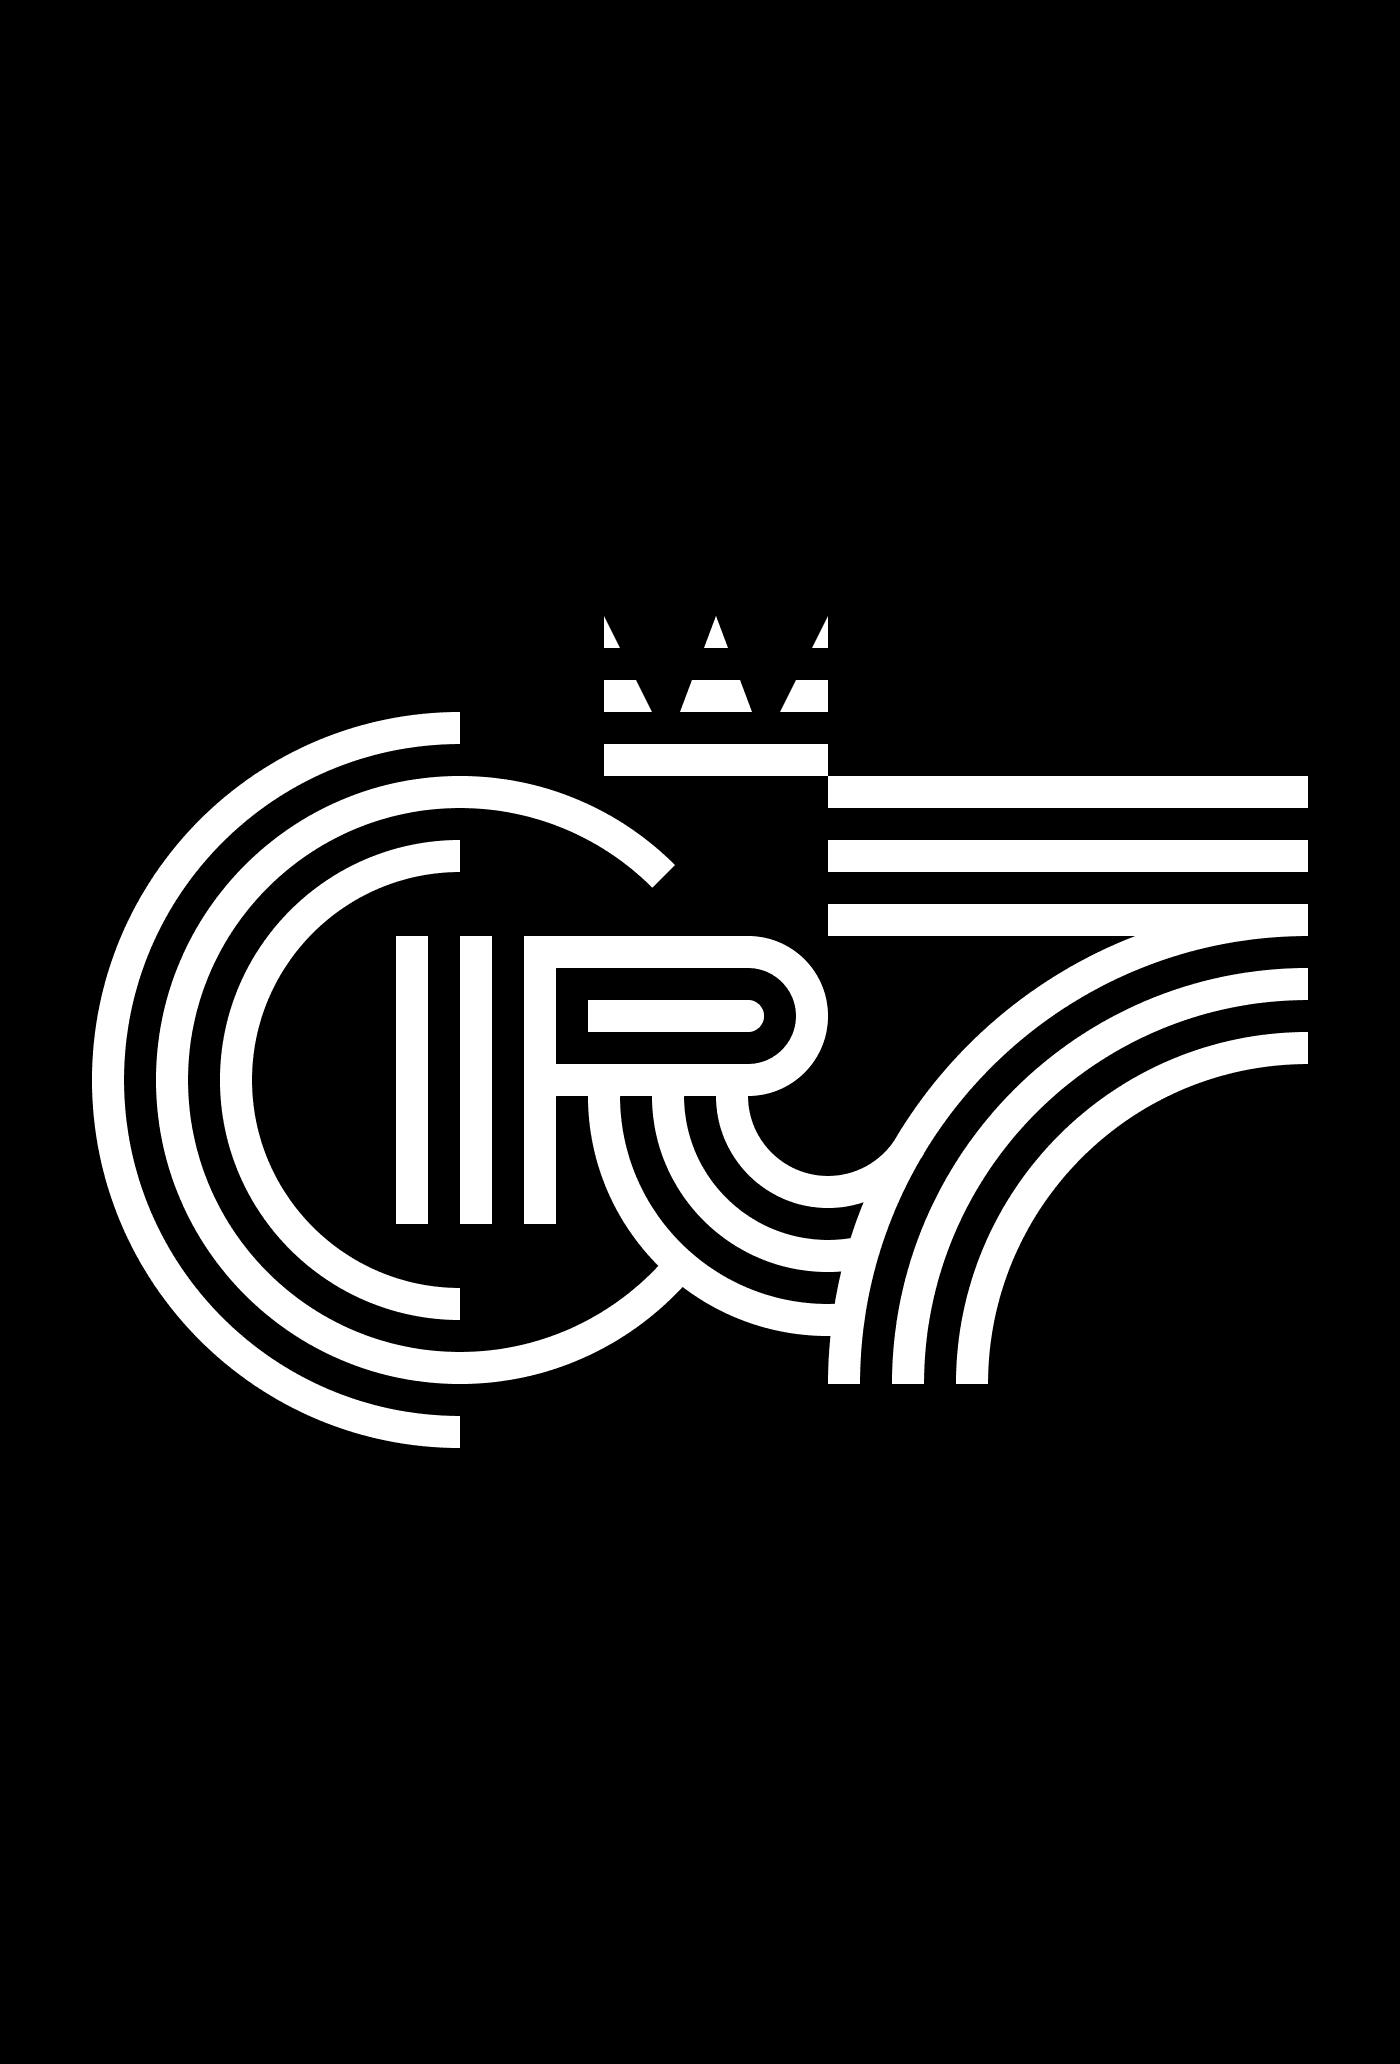 BrunoSilva-Logos-002